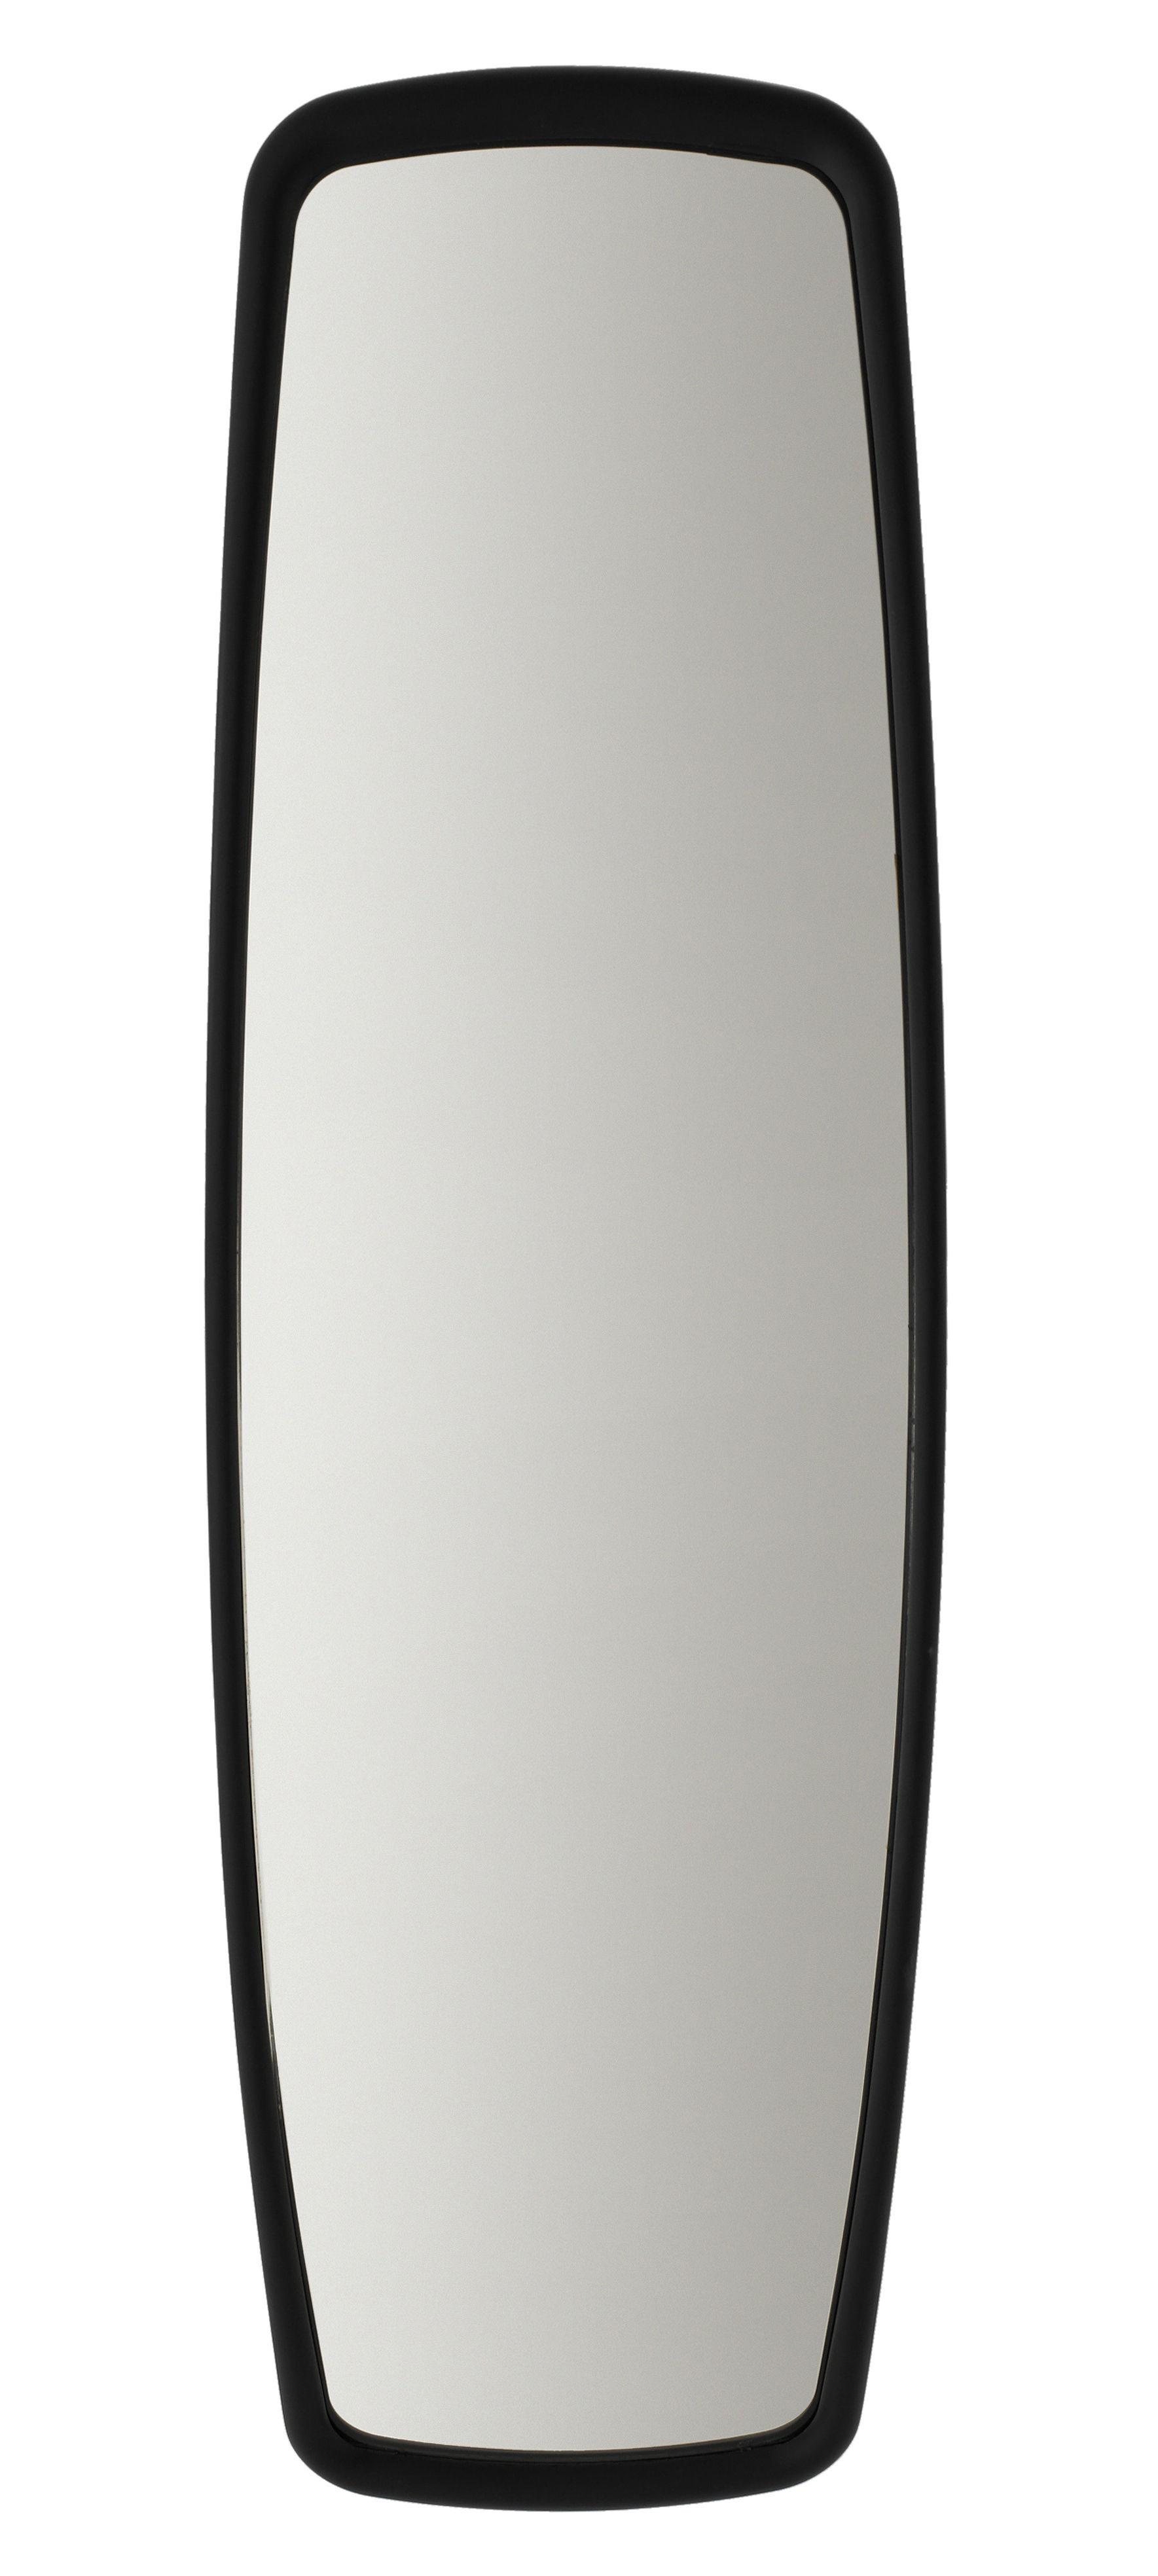 Miroir convex mirror 90 x 30 cm noir established sons for Miroir 90x30